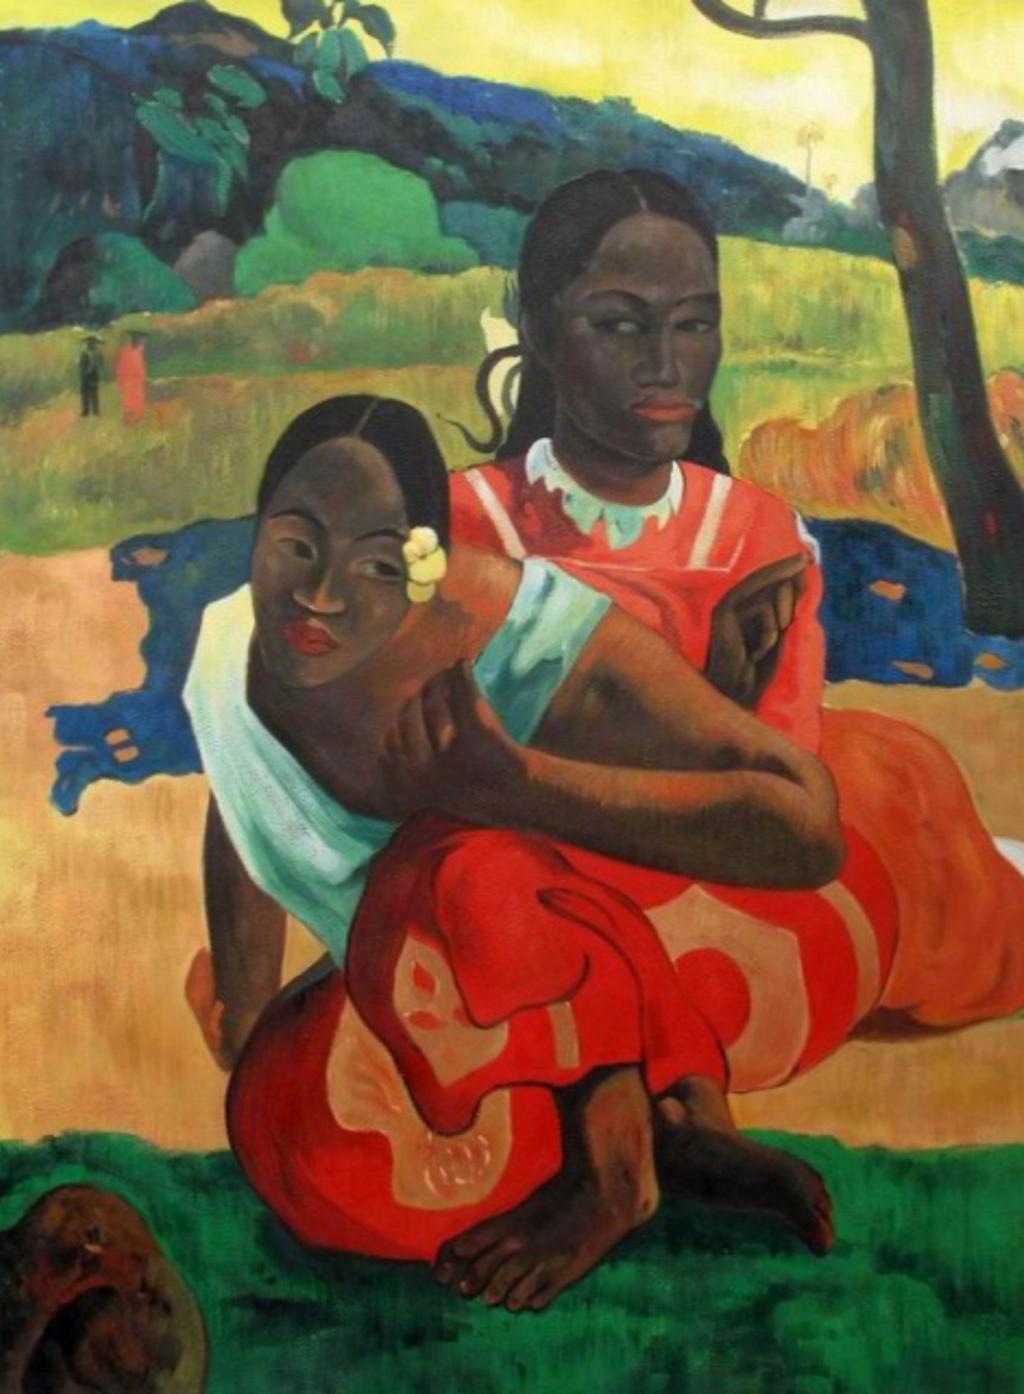 Berühmte Ölgemälde: Eugène Henri Paul Gauguin (* 7. Juni 1848 in Paris; † 8. Mai 1903 in Atuona auf Hiva Oa, Französisch-Polynesien) Expressionismus Wann heiratest du? (1892) in 101,5 × 77,5 cm Öl auf Leinwand